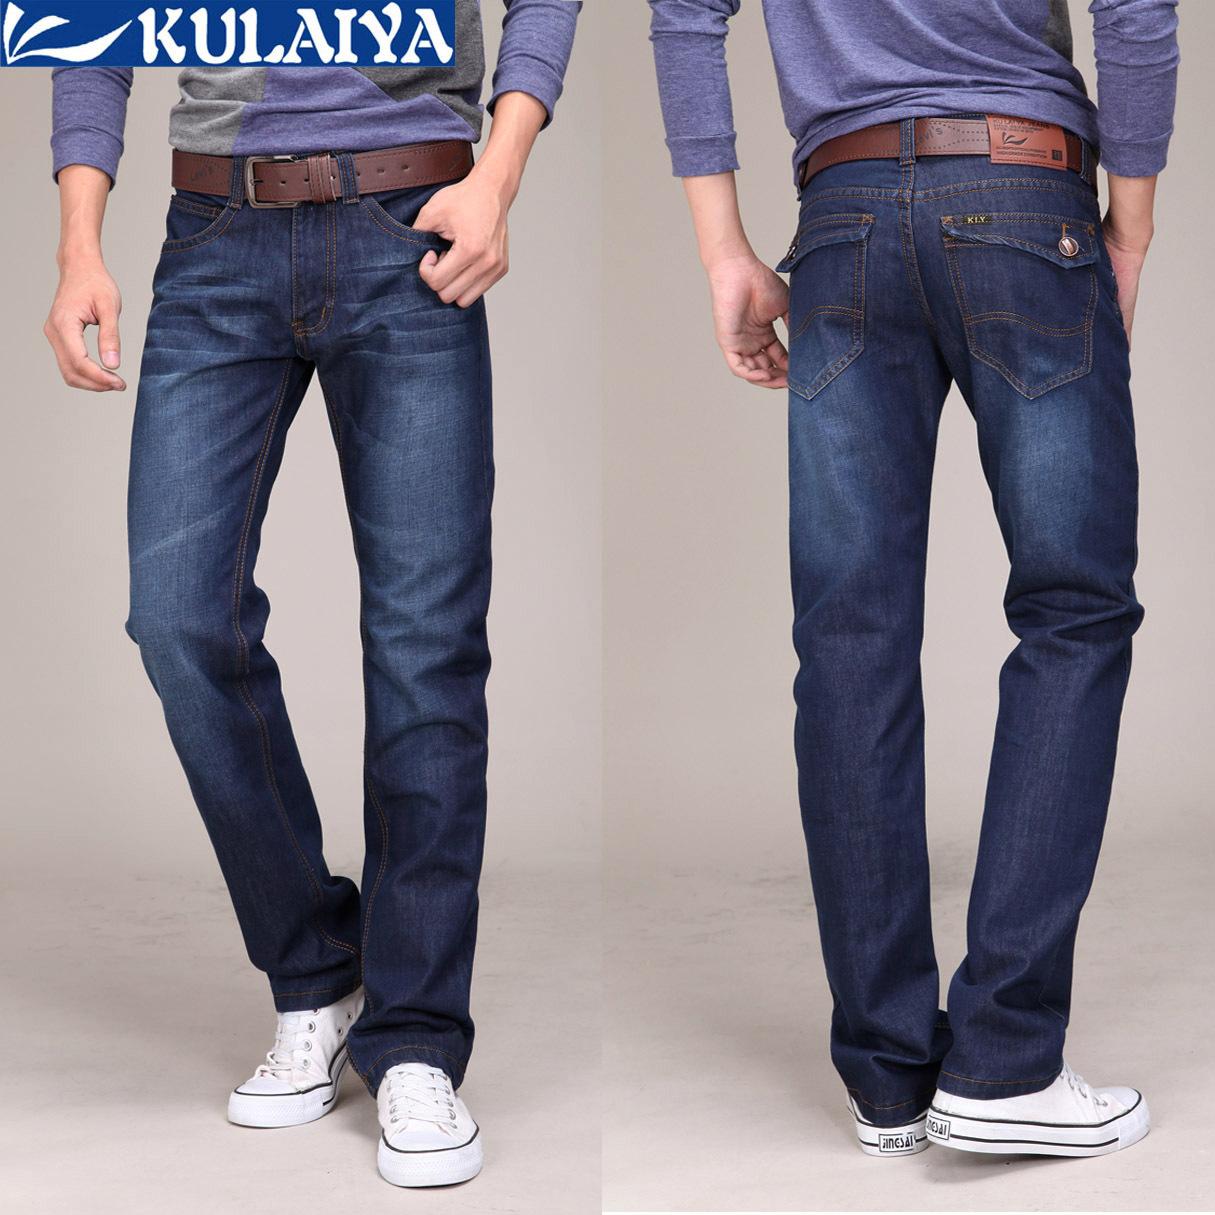 Джинсы мужские Cool L'Oreal 015 2012 Прямые брюки Классическая джинсовая ткань Повседневный стиль